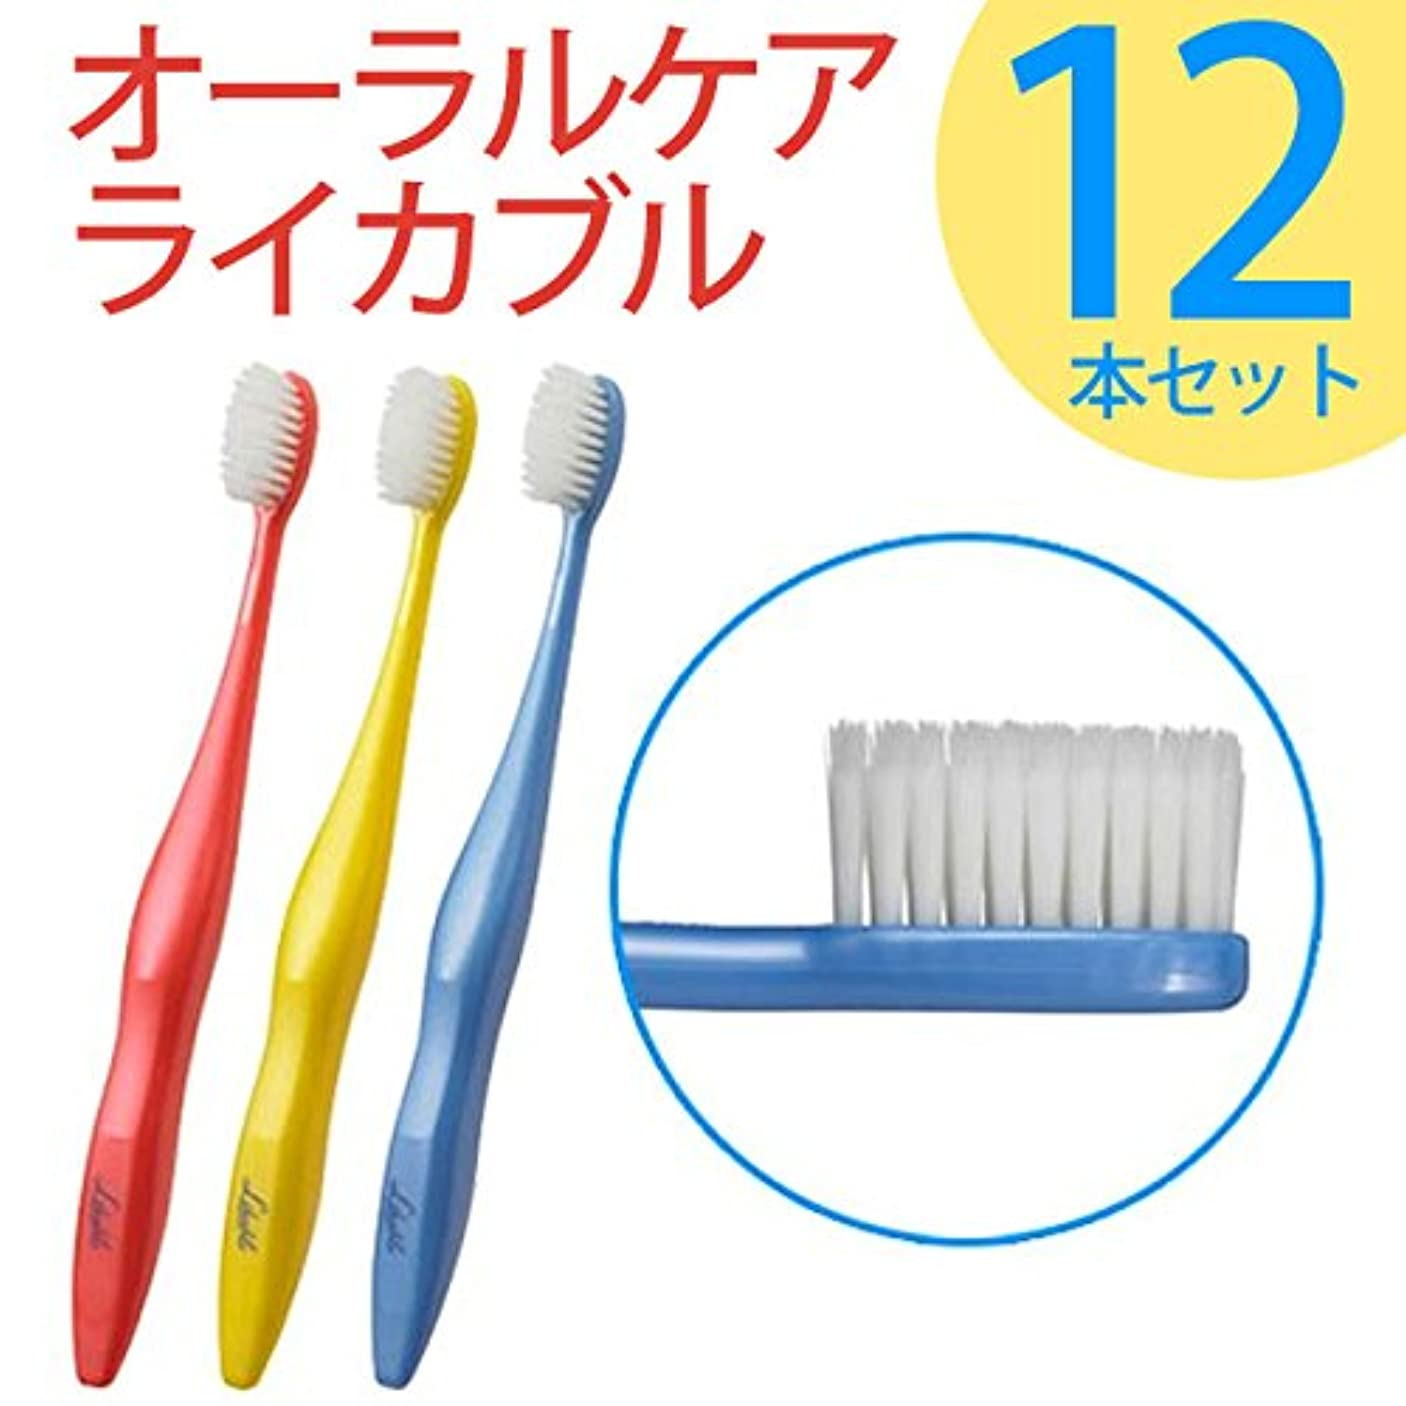 何よりもトリプル足ライカブル ライカブル メンテナンス用 歯ブラシ 12本セット